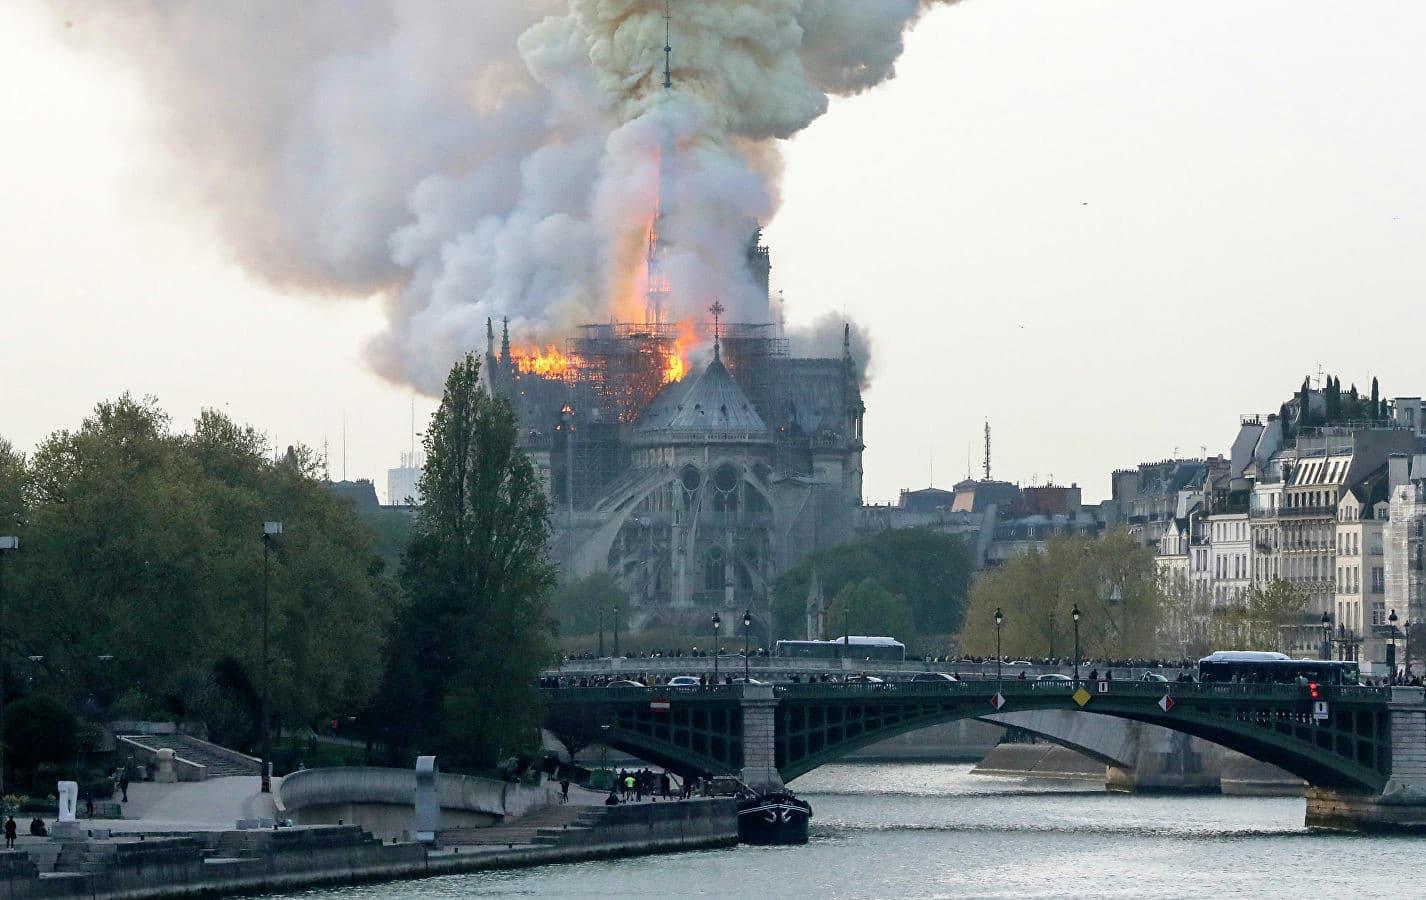 لهذا السبب لم يتم استخدام الطائرات في إخماد حريق كاتدرائية نوتردام التاريخية